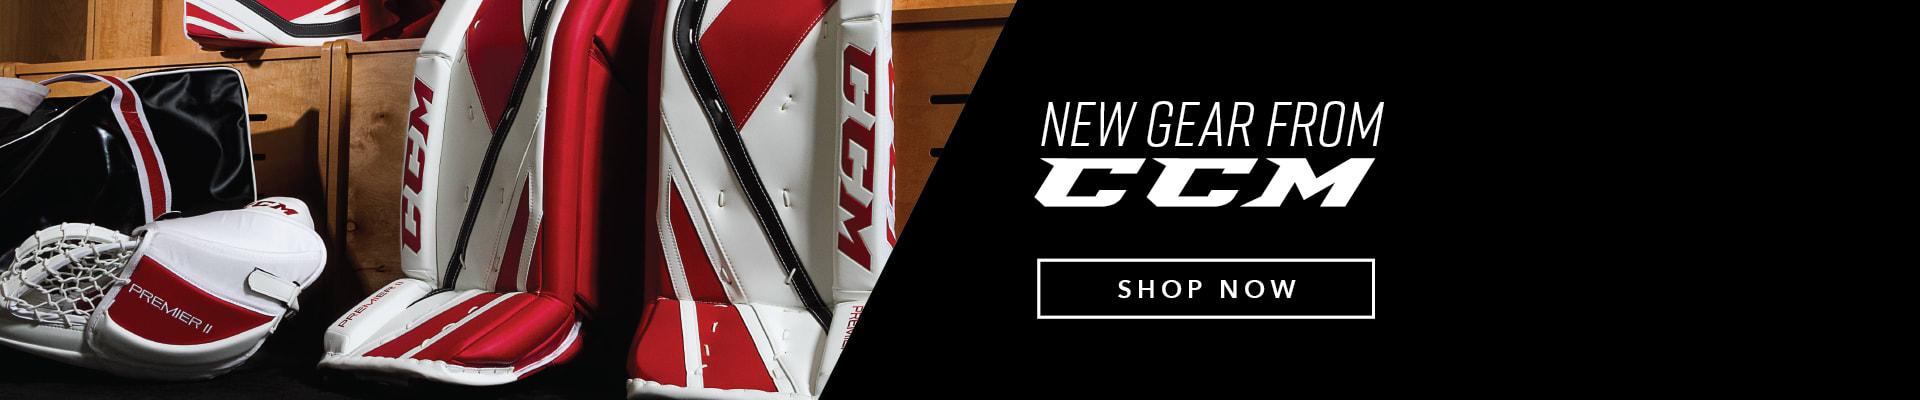 New Goalie Equipment From CCM